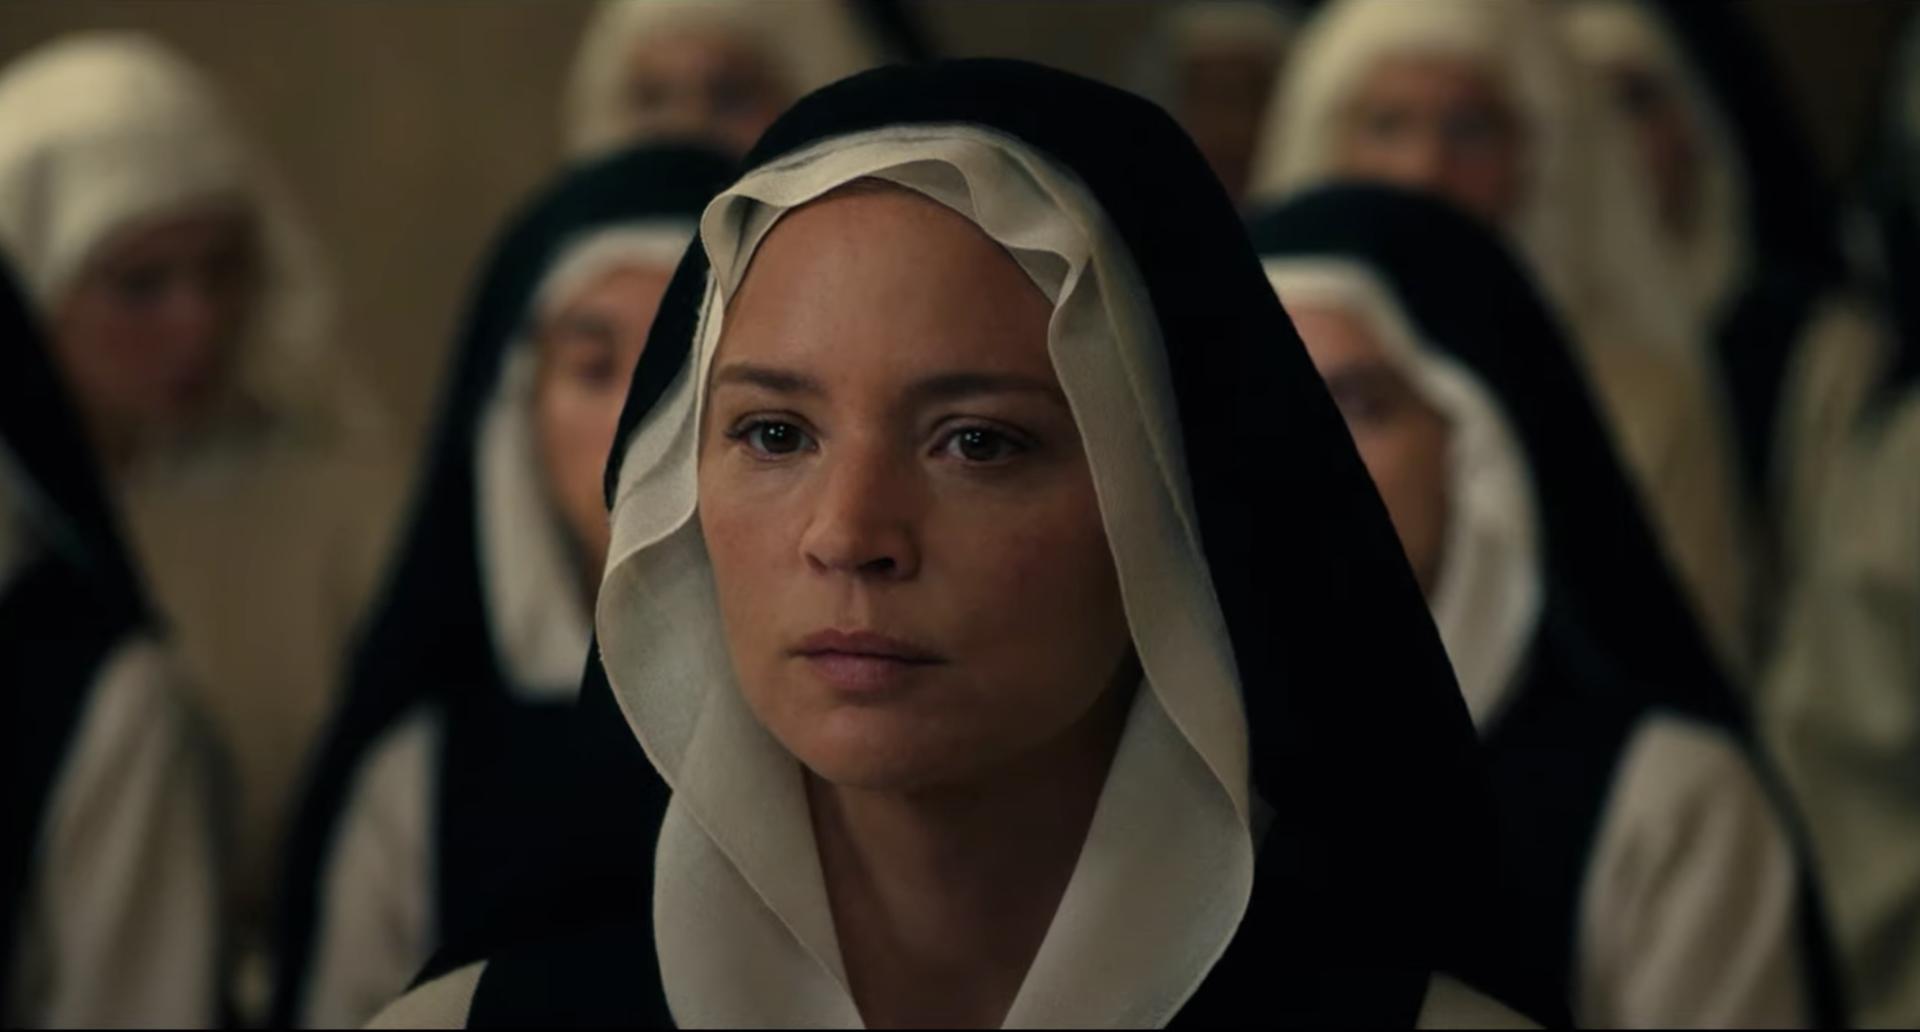 年度最受爭議《聖慾》保羅范赫文挑戰禁忌大作 「法國甜心」薇吉妮愛菲亞超尺度激情演出「很滿意」